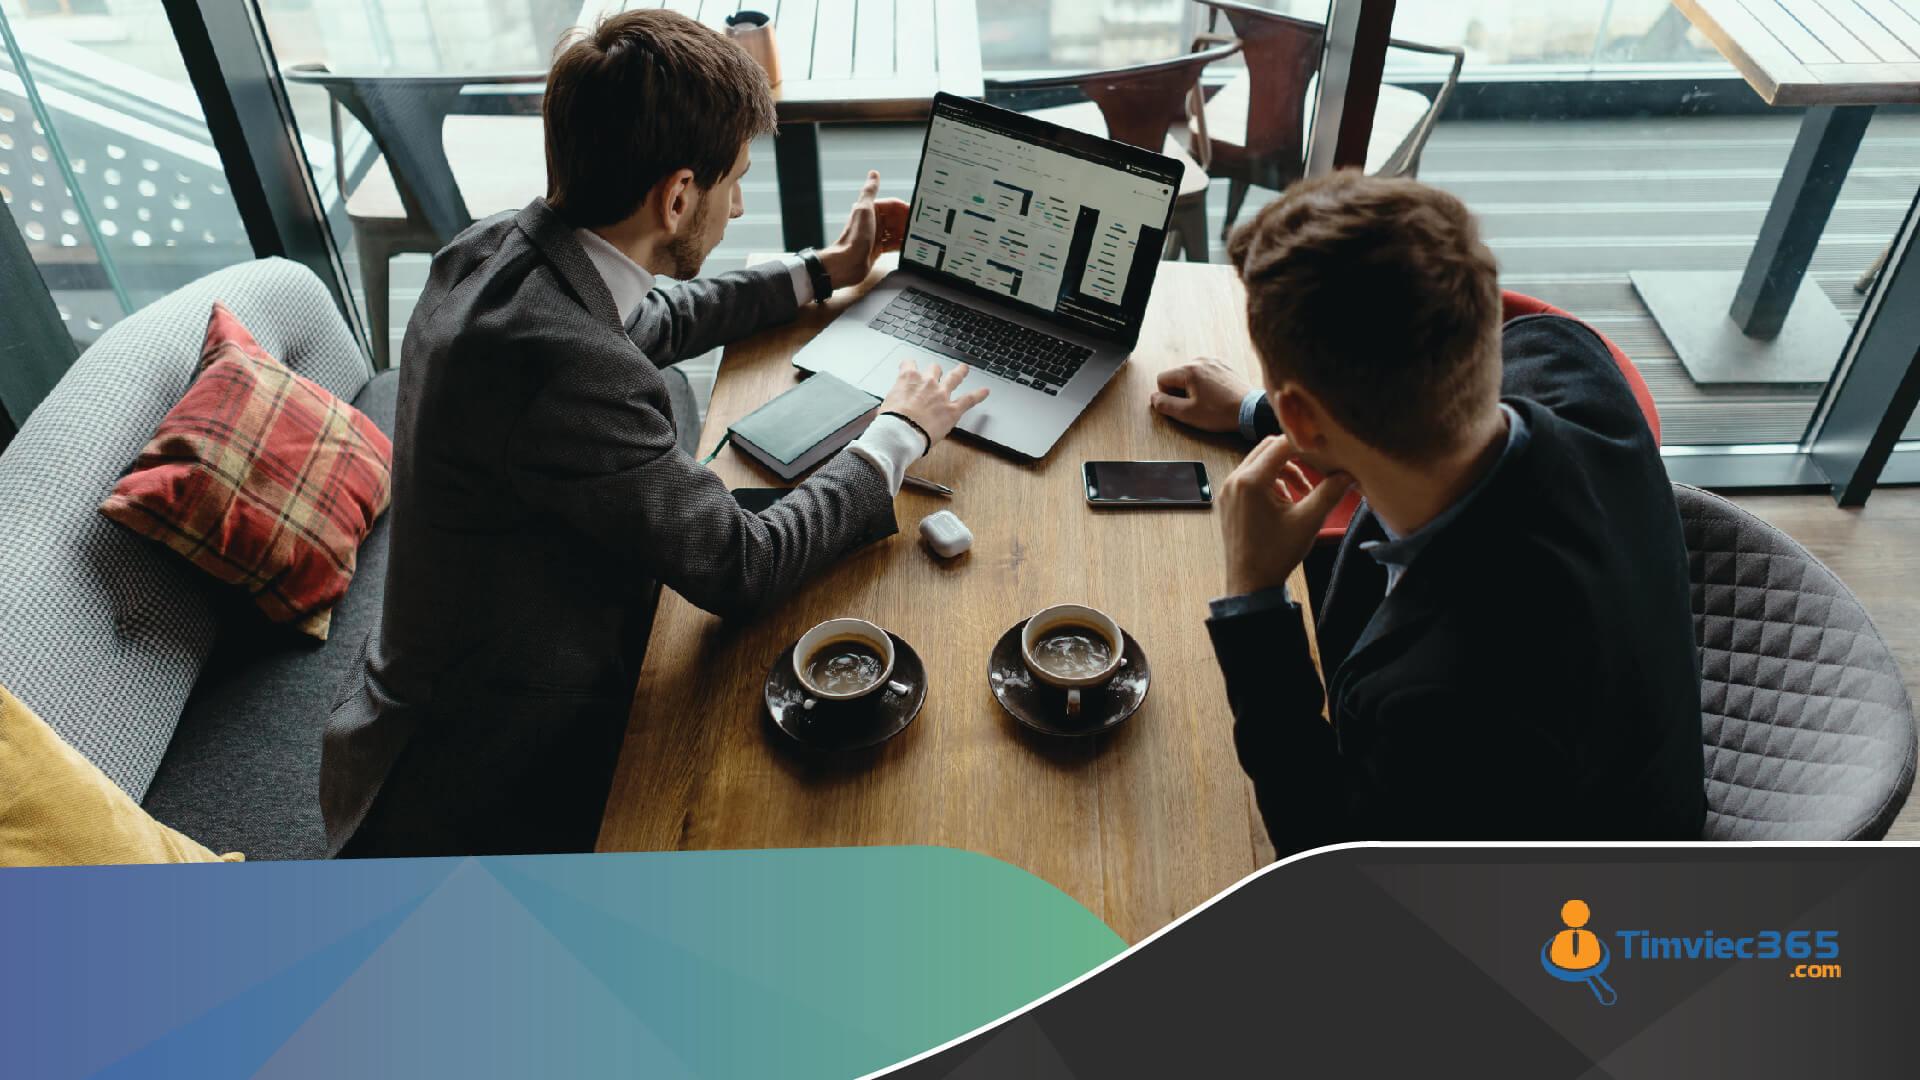 Kinh nghiệm quản lý chiến lược và nhân sự